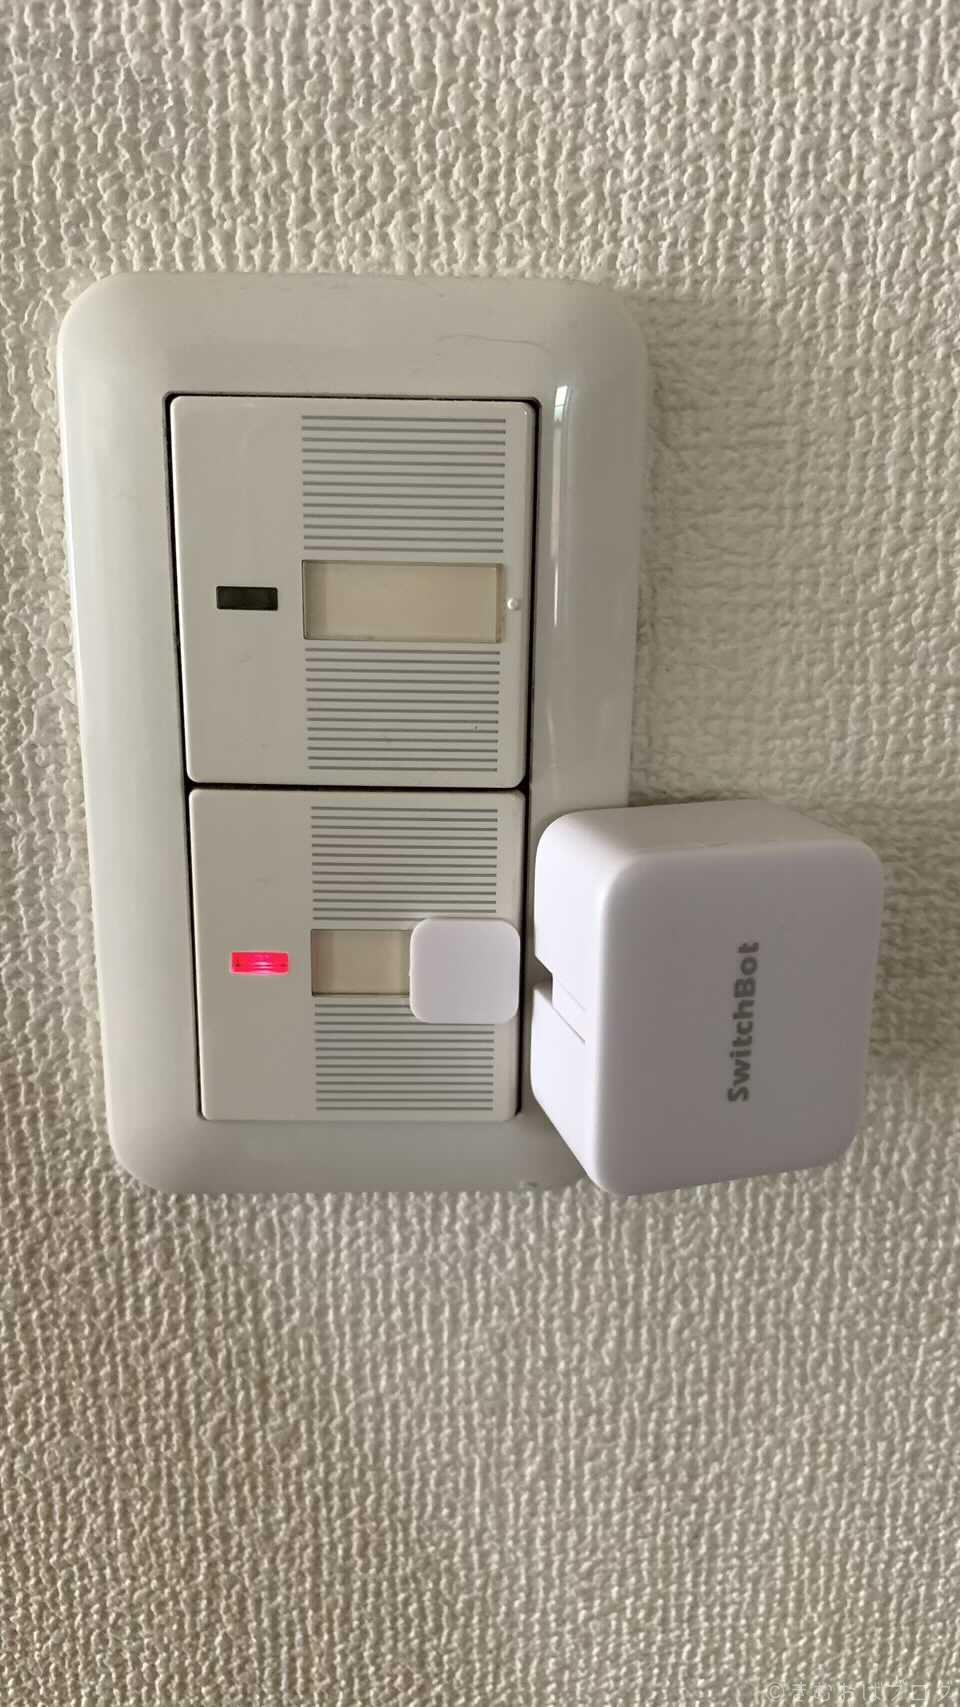 トイレの換気扇のスイッチにSwitchBotを取り付けたところ